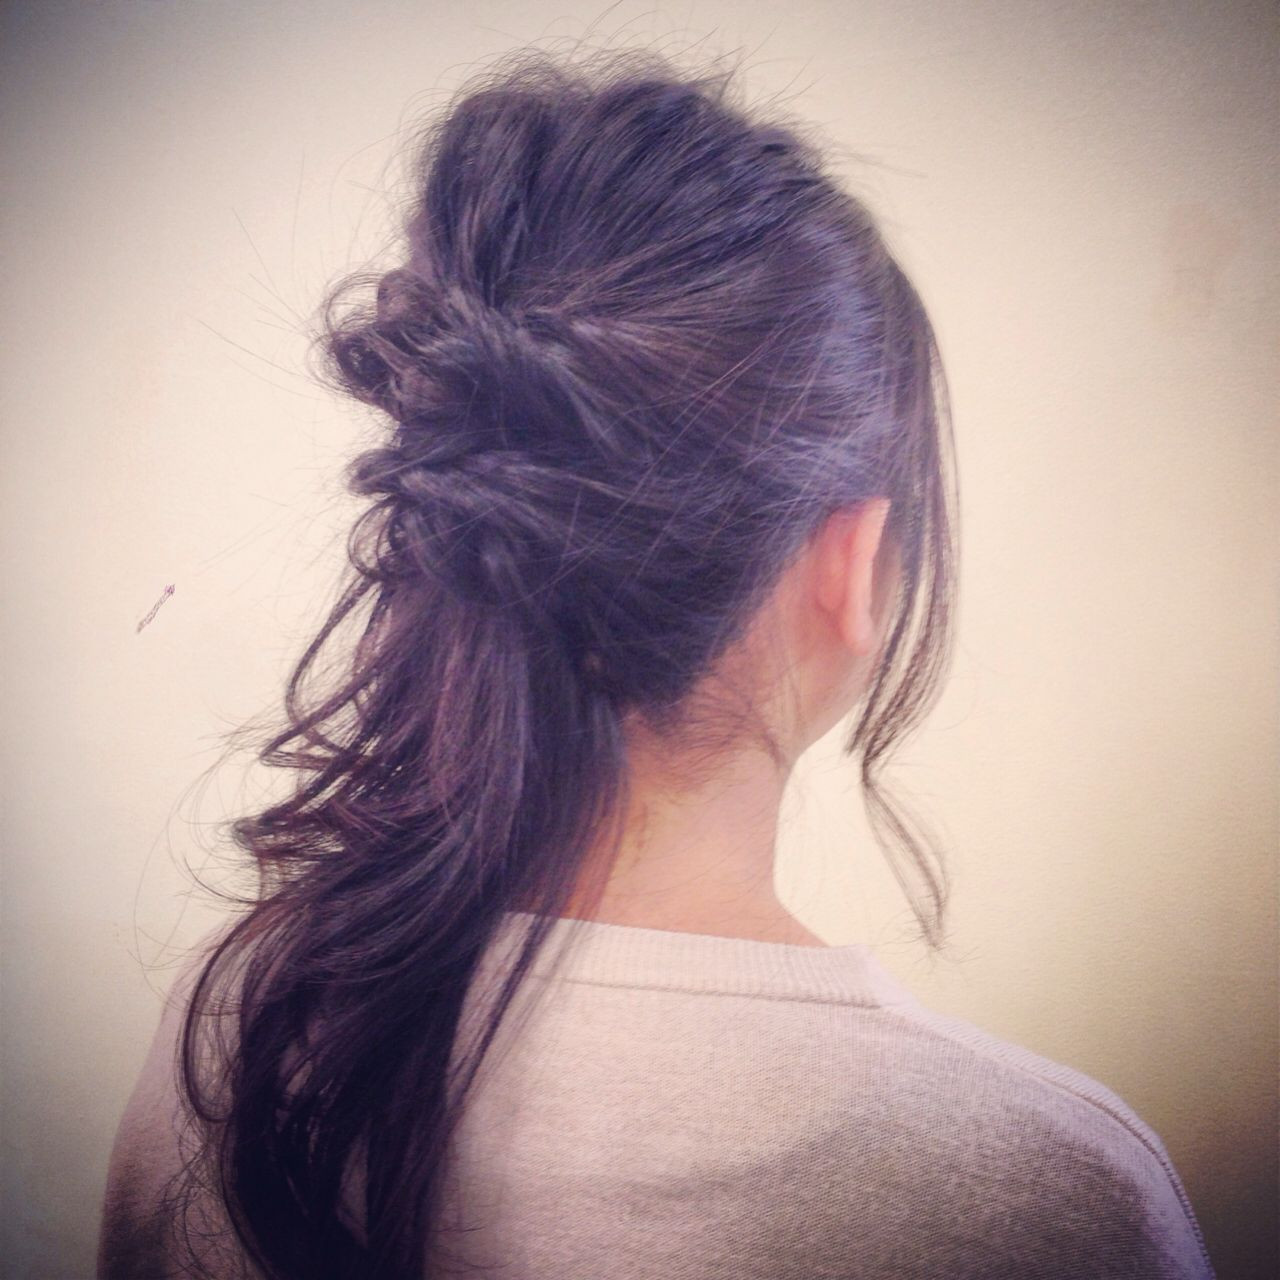 簡単アレンジでオシャレ度◎の髪型に!くるりんぱなどのまとめ髪をおさらい 大野 歩美